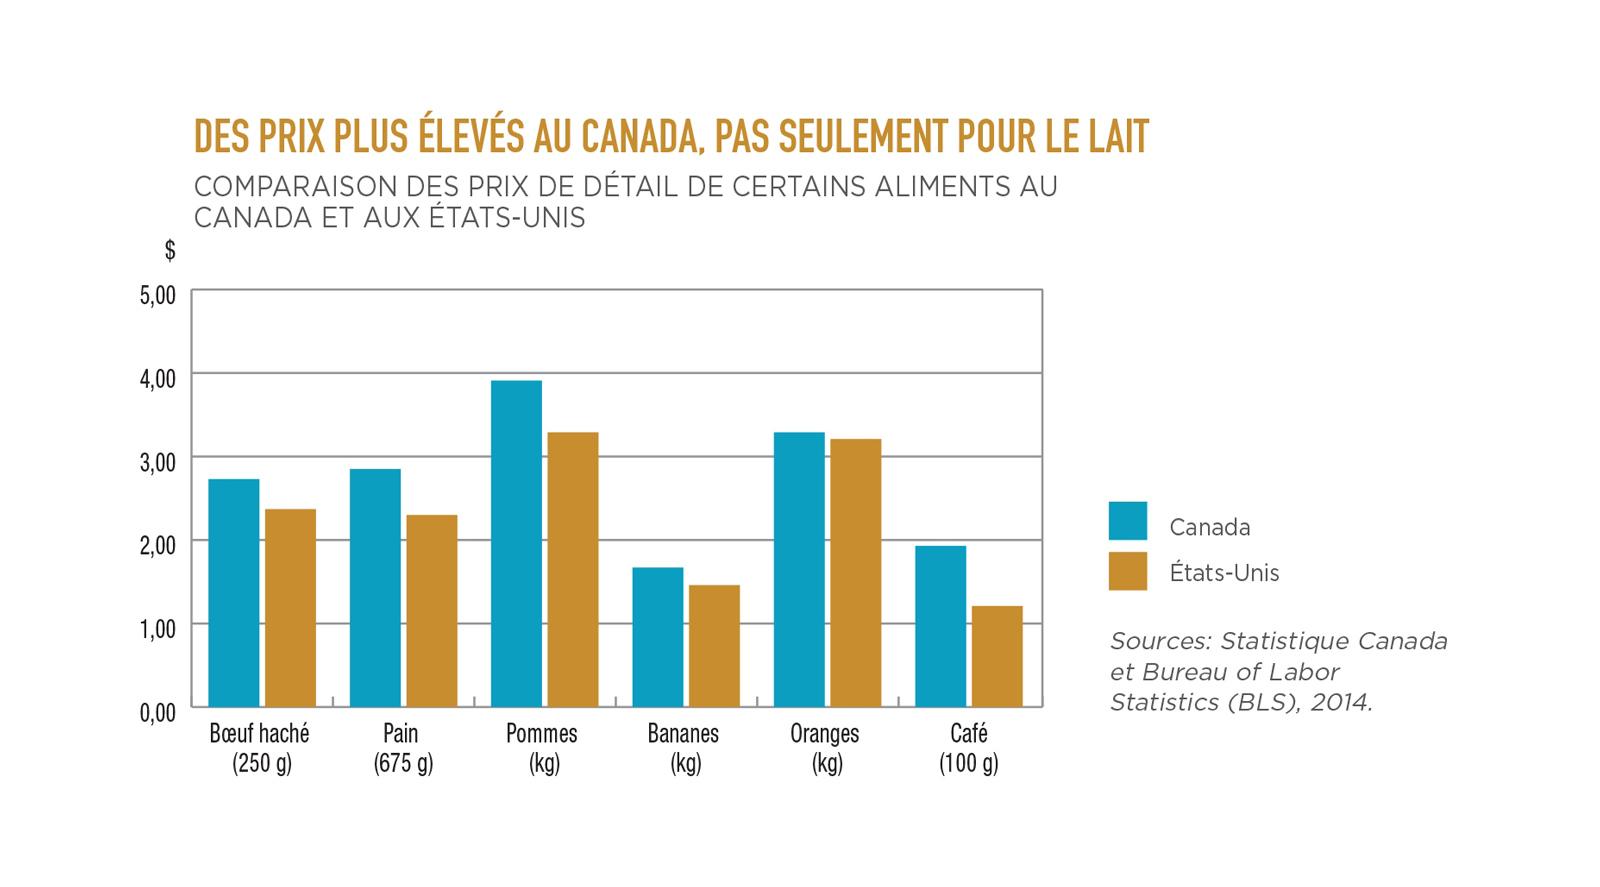 Infographie : Comparaison des prix de détail de certains aliments au Canada et aux États-Unis